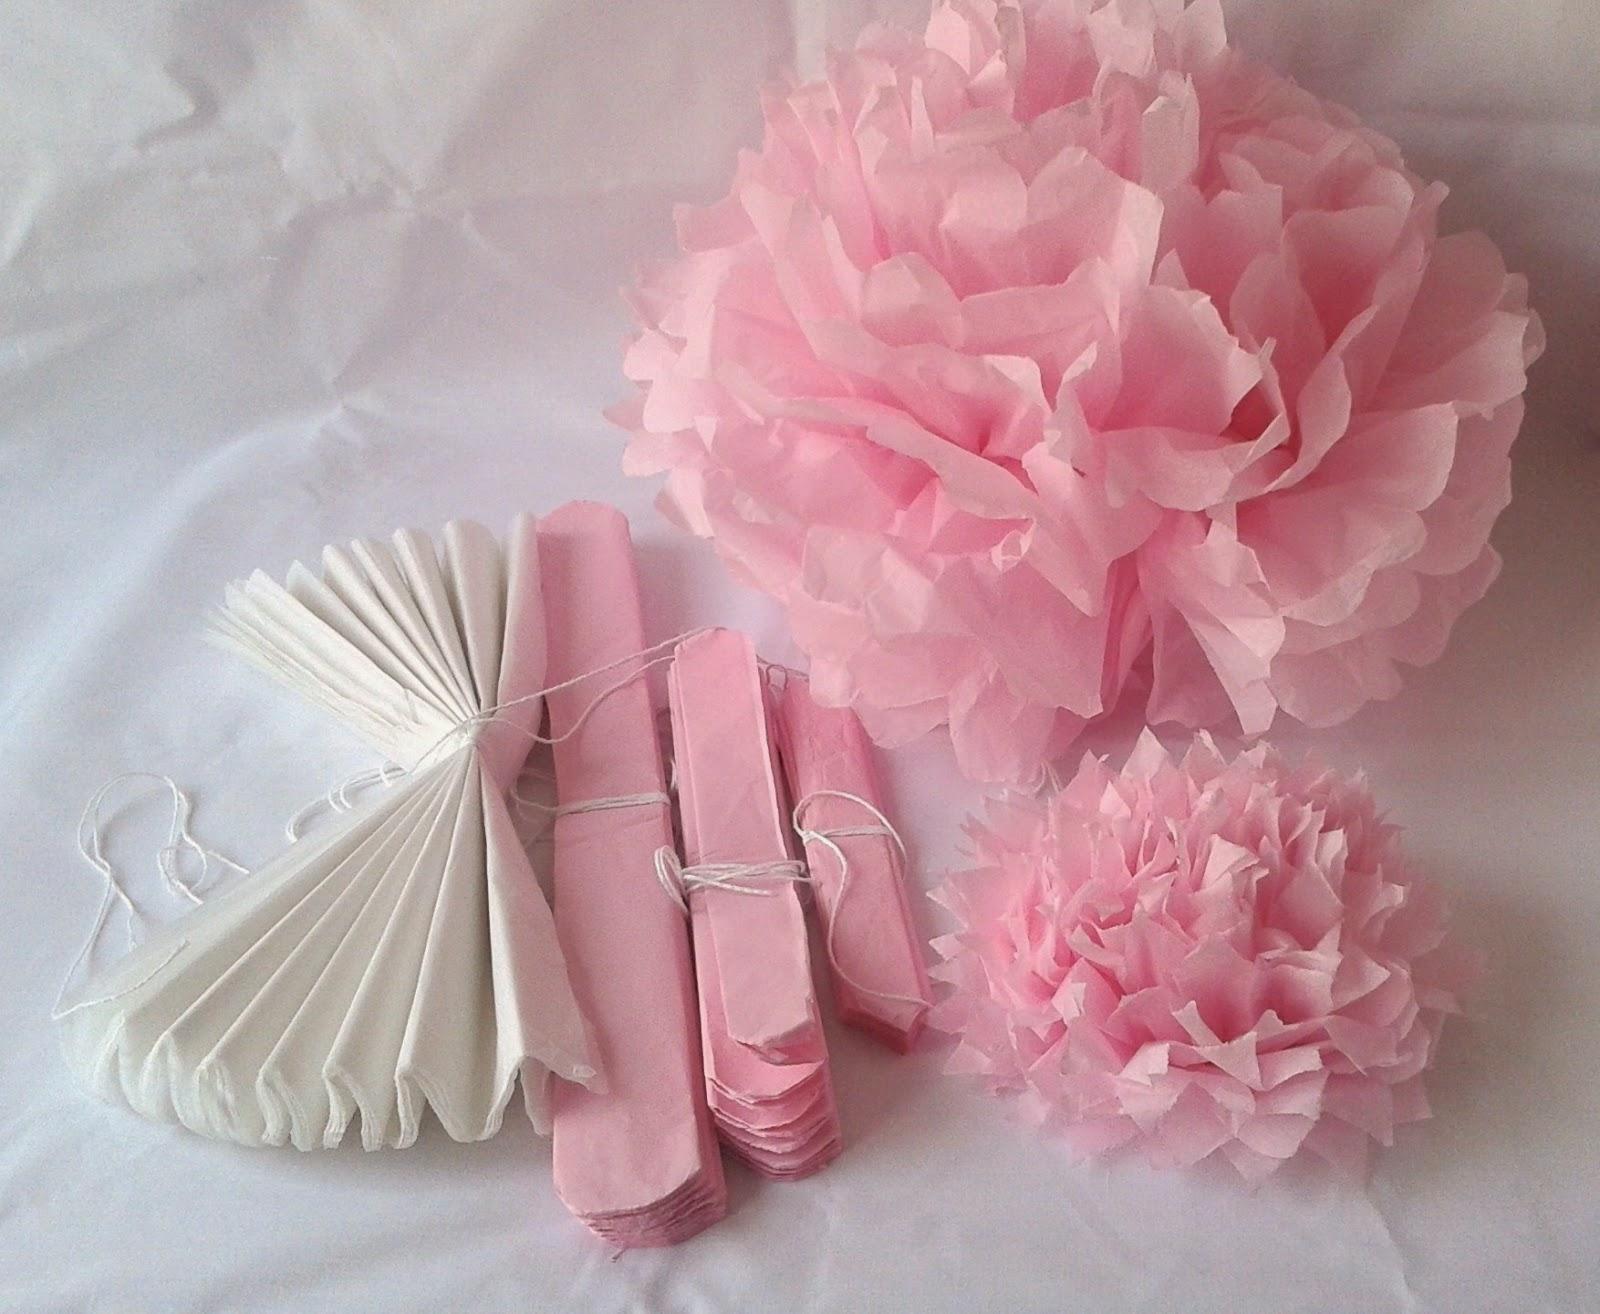 Aurea s kitchen craft pompones y flores de papel - Pompones con papel de seda ...